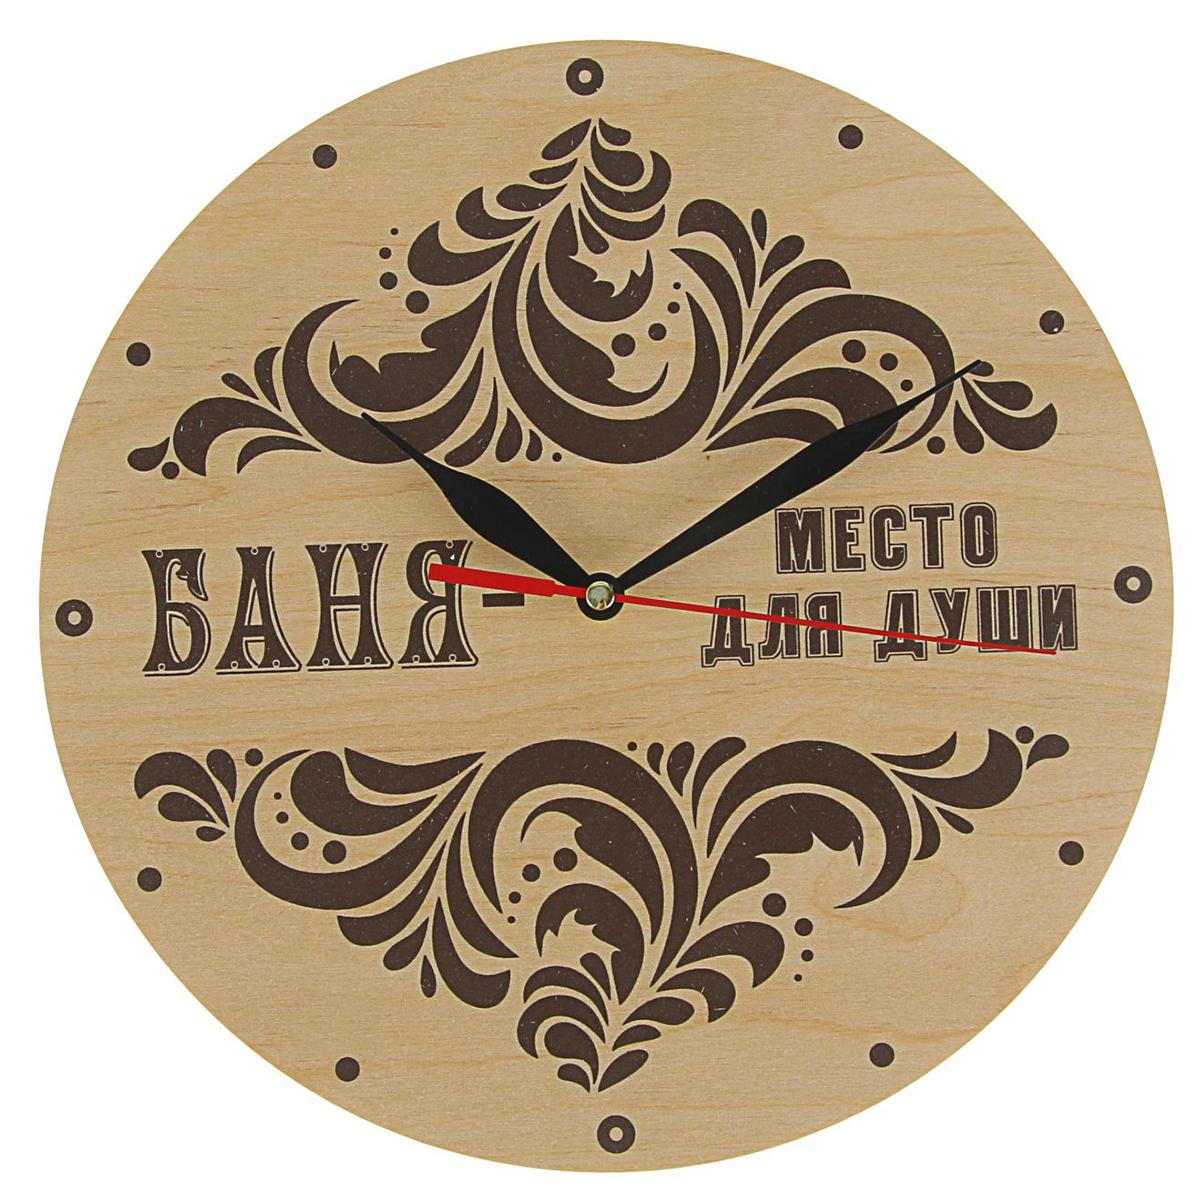 """Часы настенные банные """"Баня-место для души"""", диаметр 25 см"""